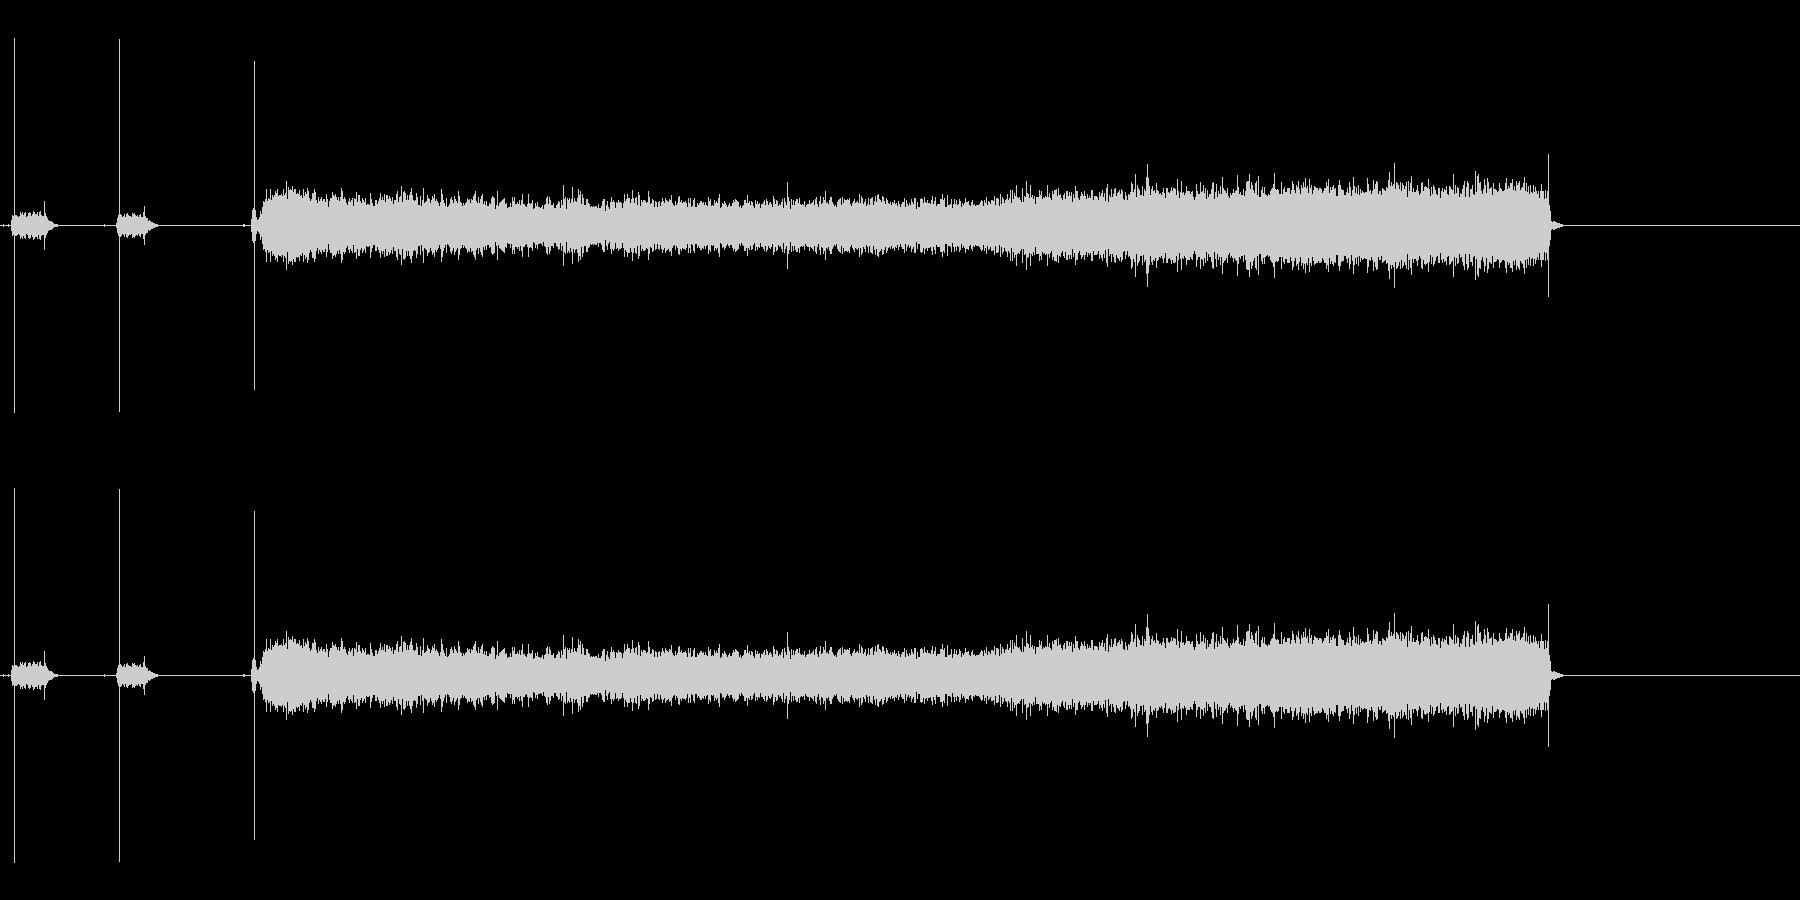 バーナーで火を付ける一連の流れの音の未再生の波形